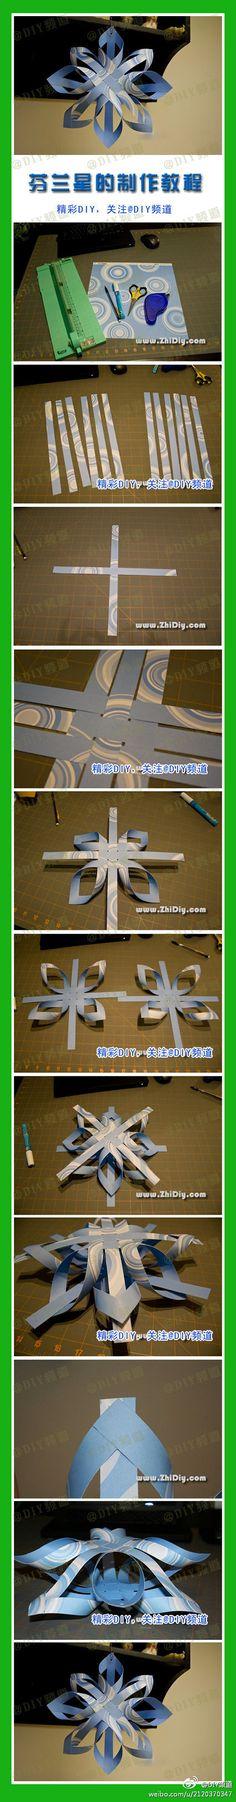 **DIY 3D Paper Star DIY 3D Paper Star